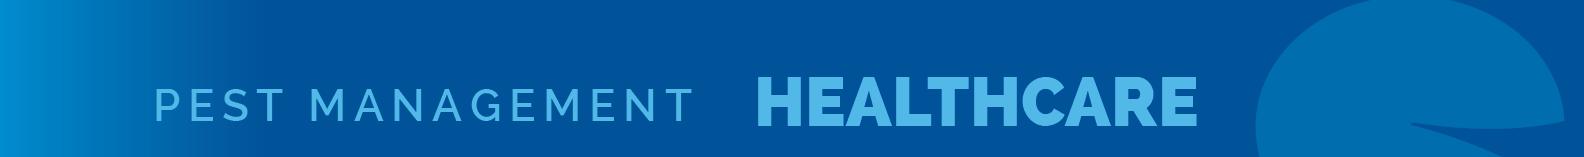 healthcareheader